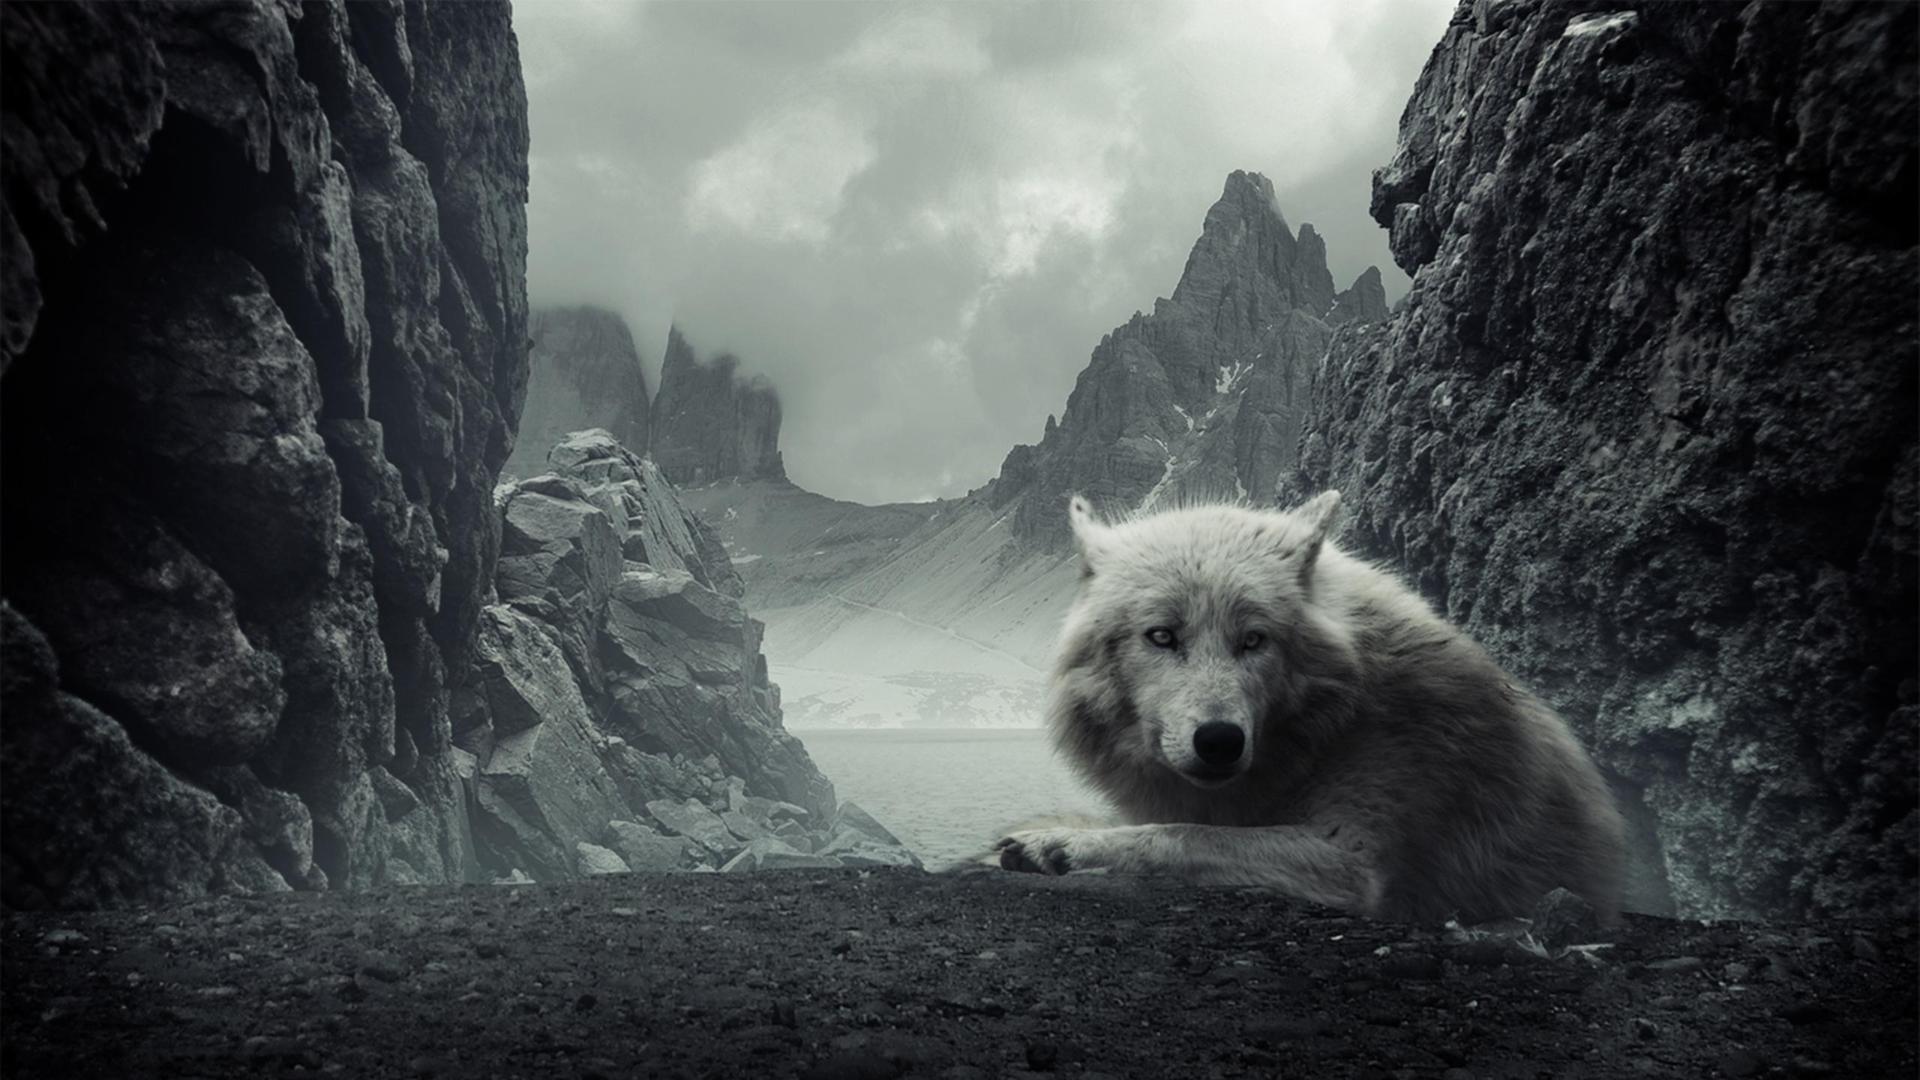 начале подбора картинки волк и горы это